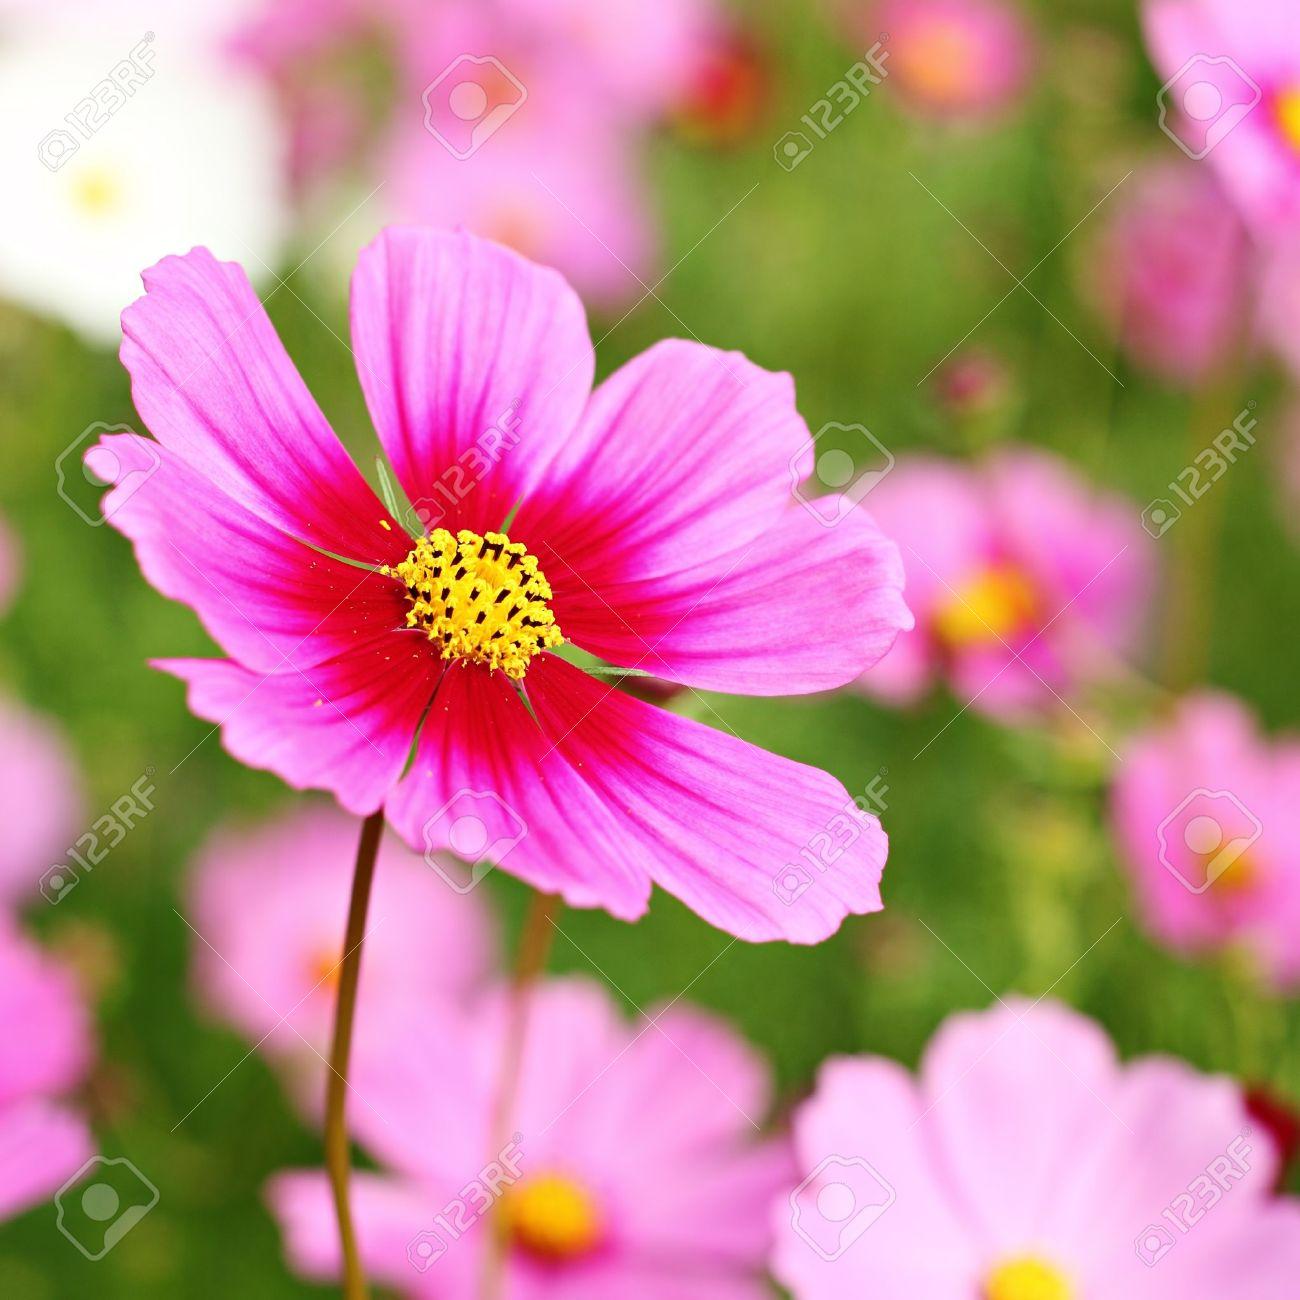 magnifique fleur de cosmos banque d'images et photos libres de